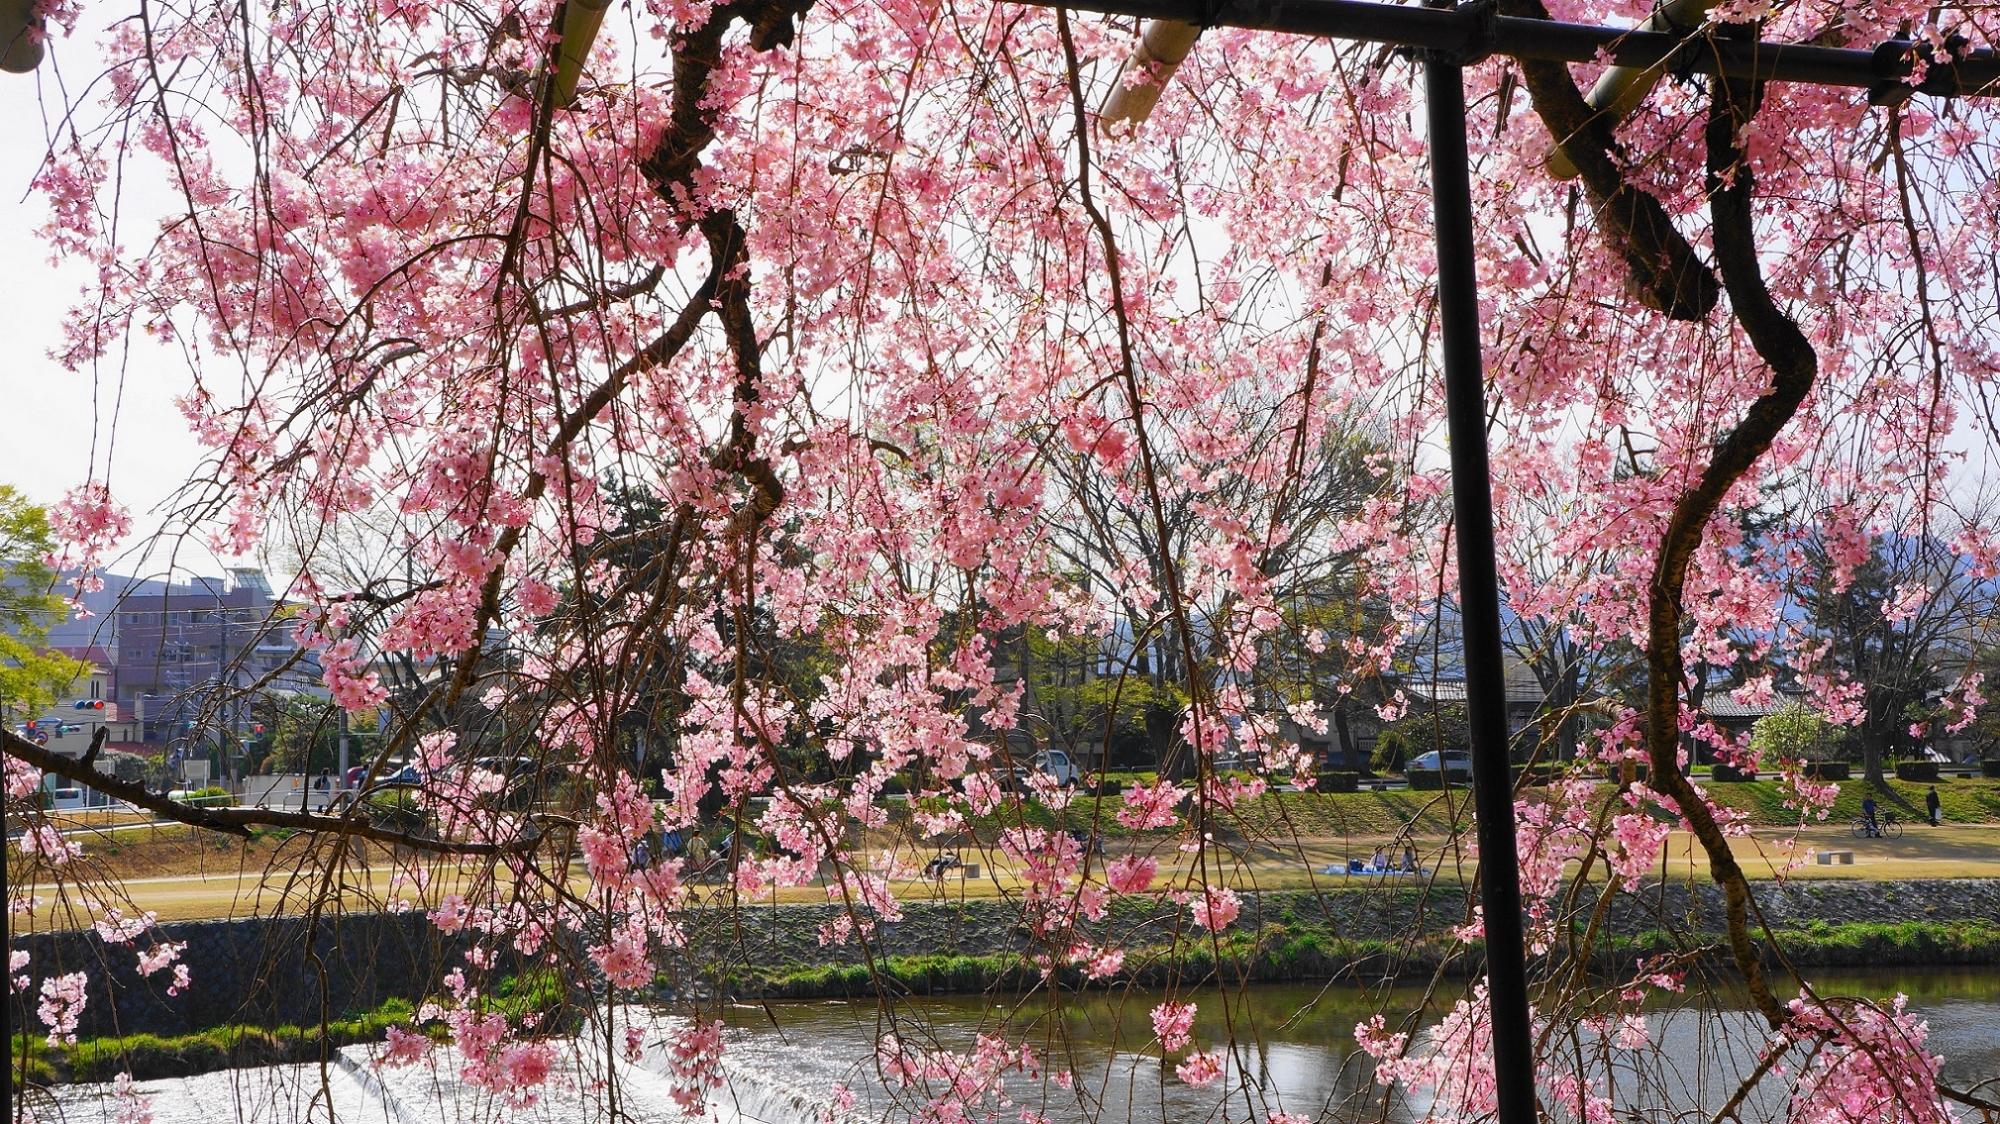 しだれ桜のトンネルになっている半木の道